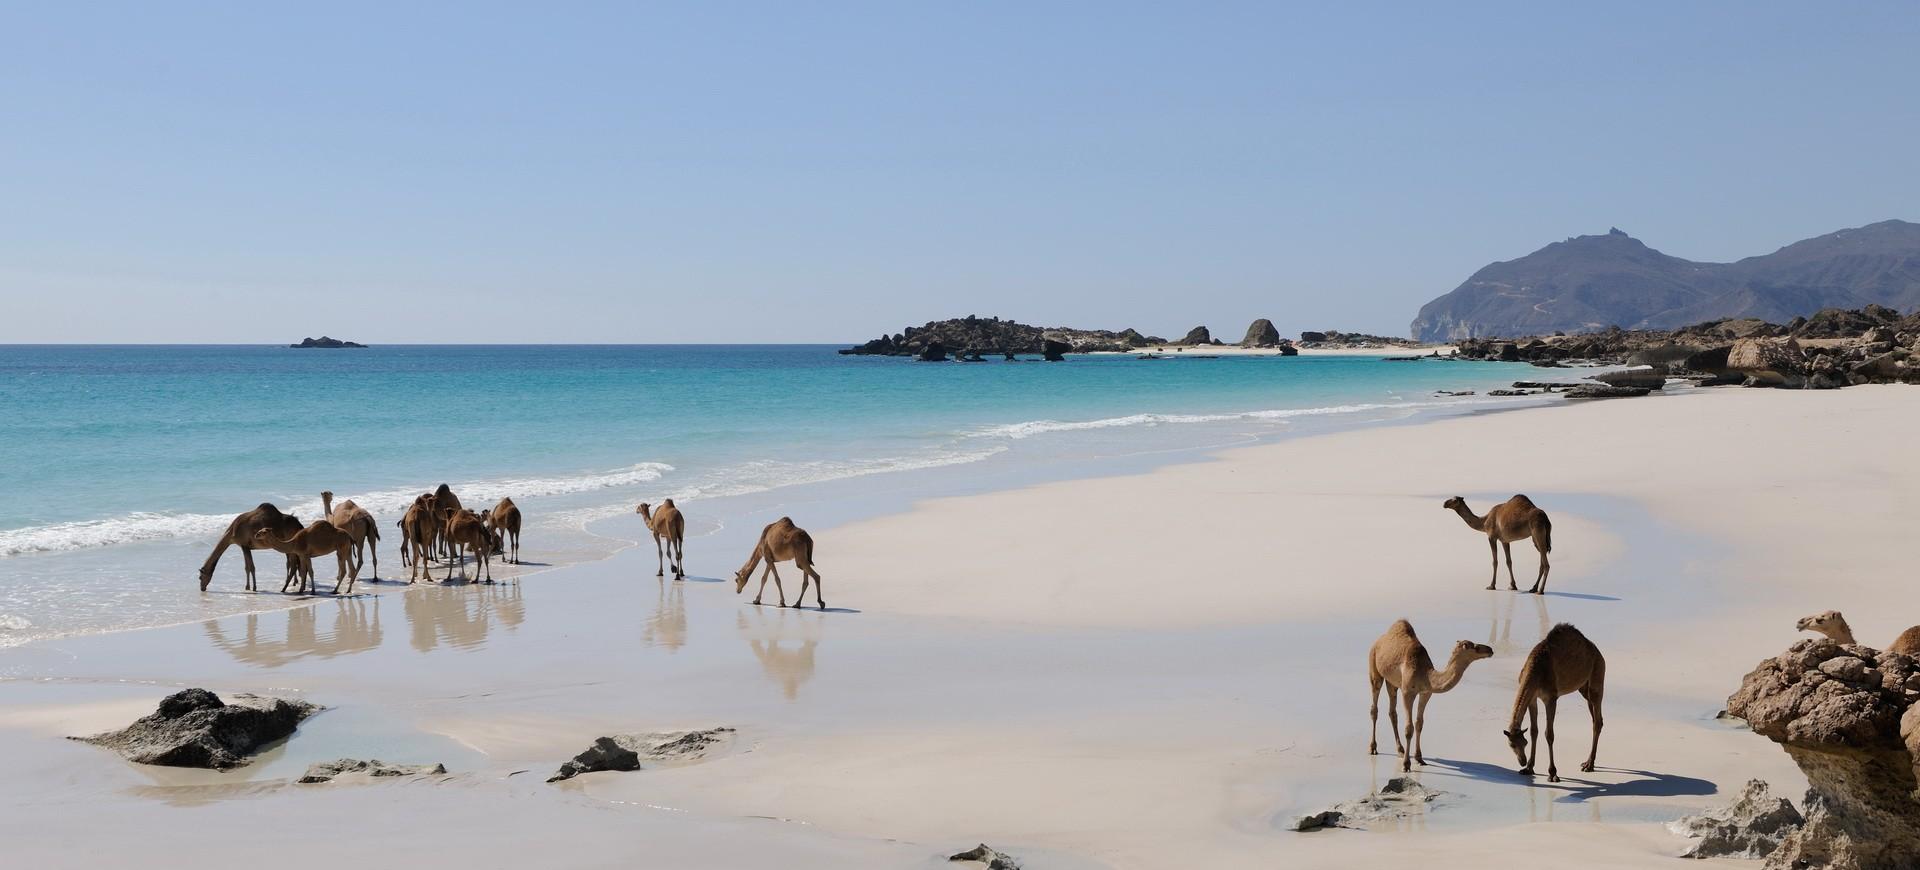 Un troupeau de Chameaux sur la plage de Dhofar à Oman